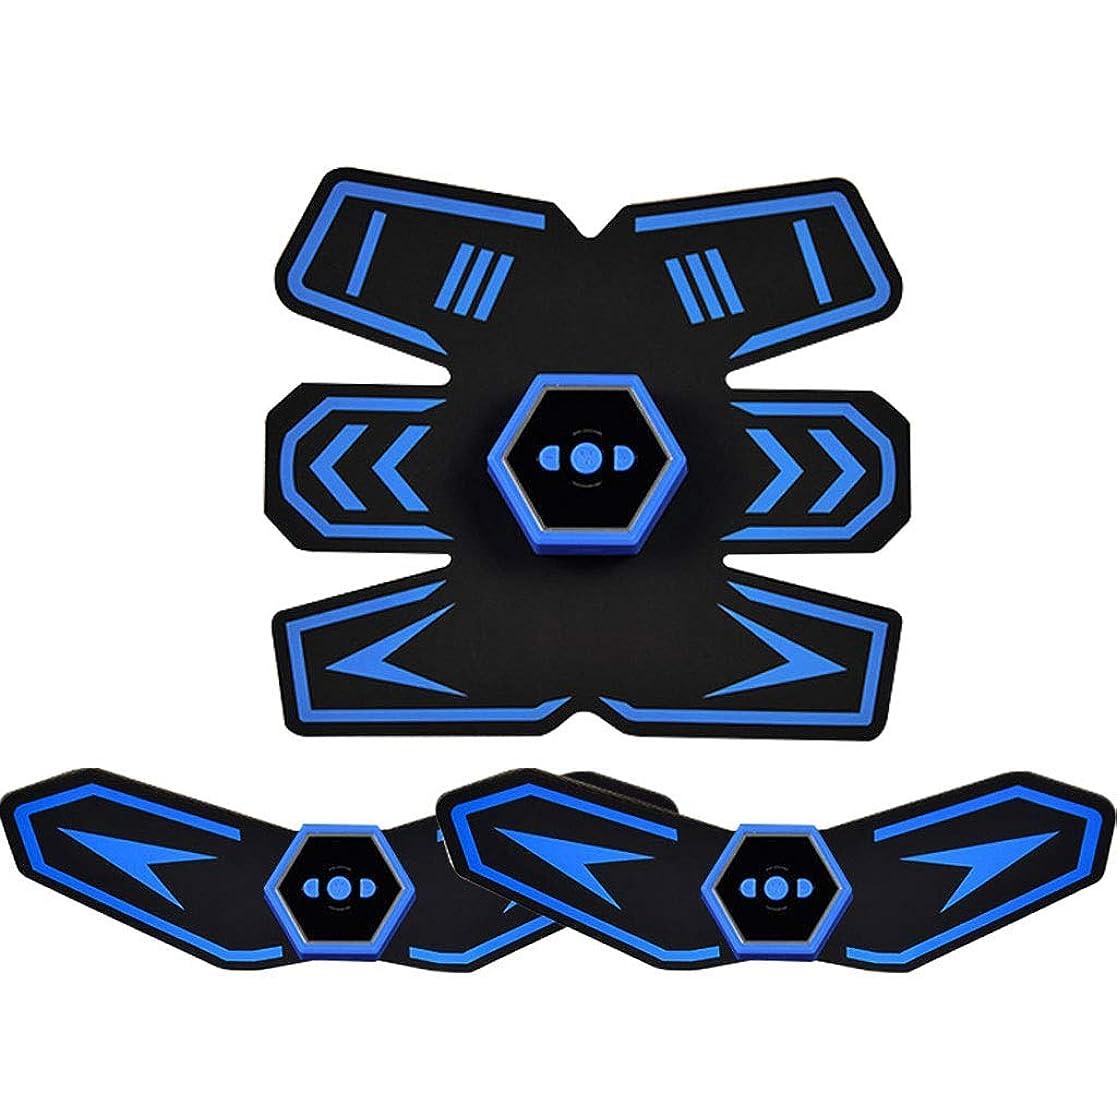 コンテンツタイプ精通したスマートベルト腹部楽器筋肉ペースト男性と女性の筋肉腹部怠惰な腹部筋肉フィットネス機器とインテリジェント音声放送&USB充電 (Color : Blue)